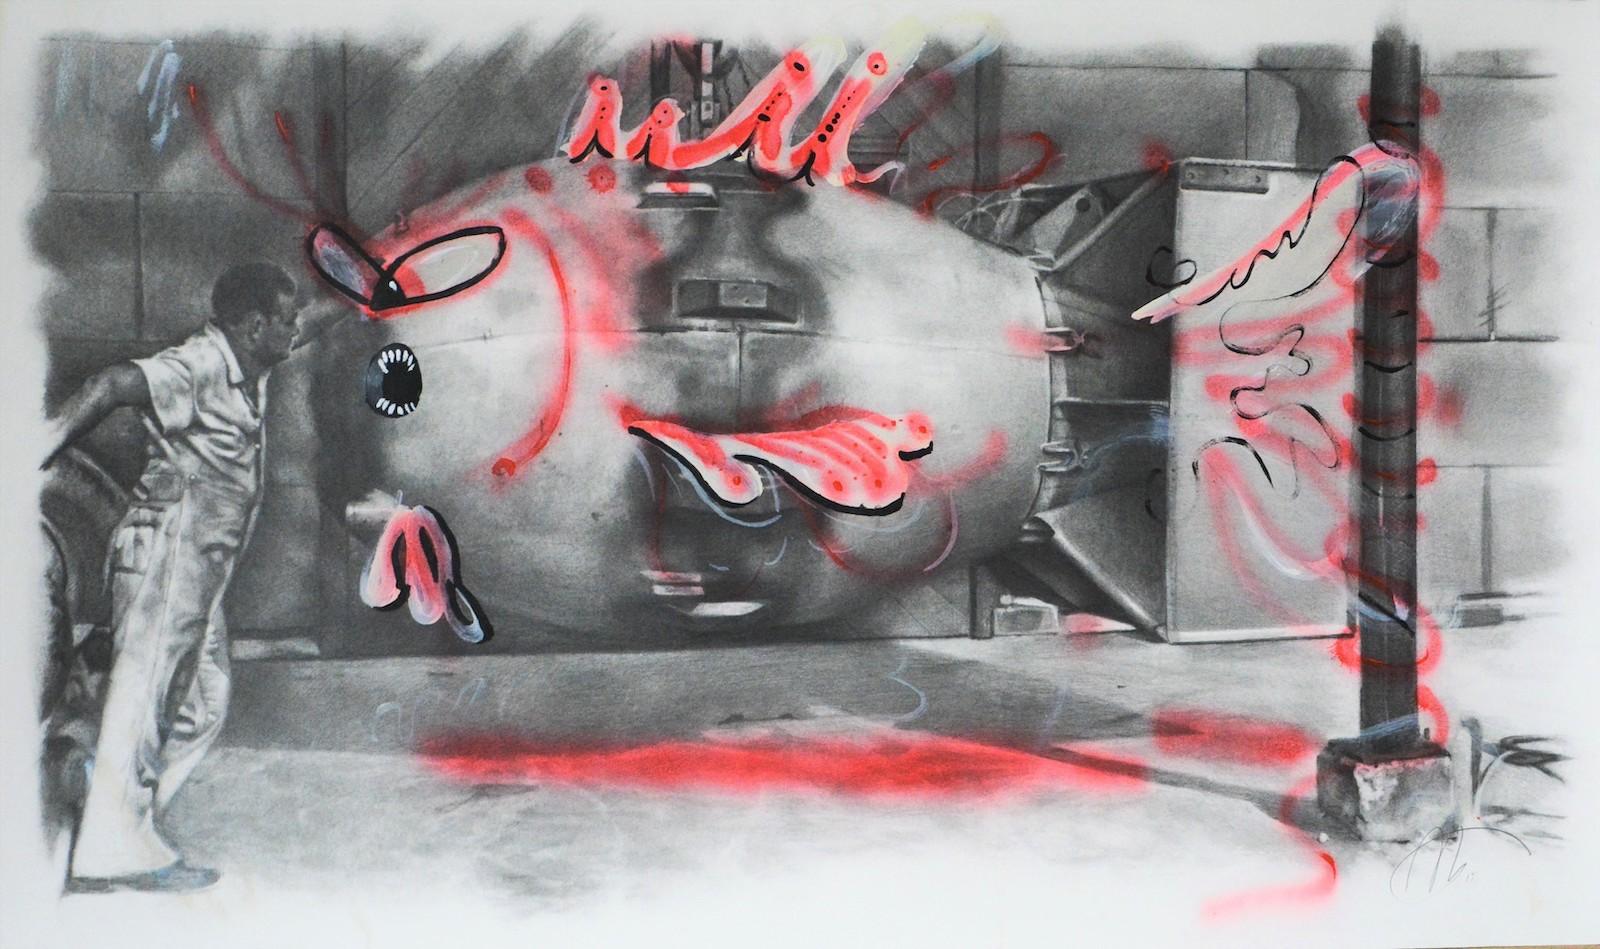 Paris Giachoustidis, Roter Fisch, 2019, 48x81cm, Bleistift und Sprühfarbe auf Papier